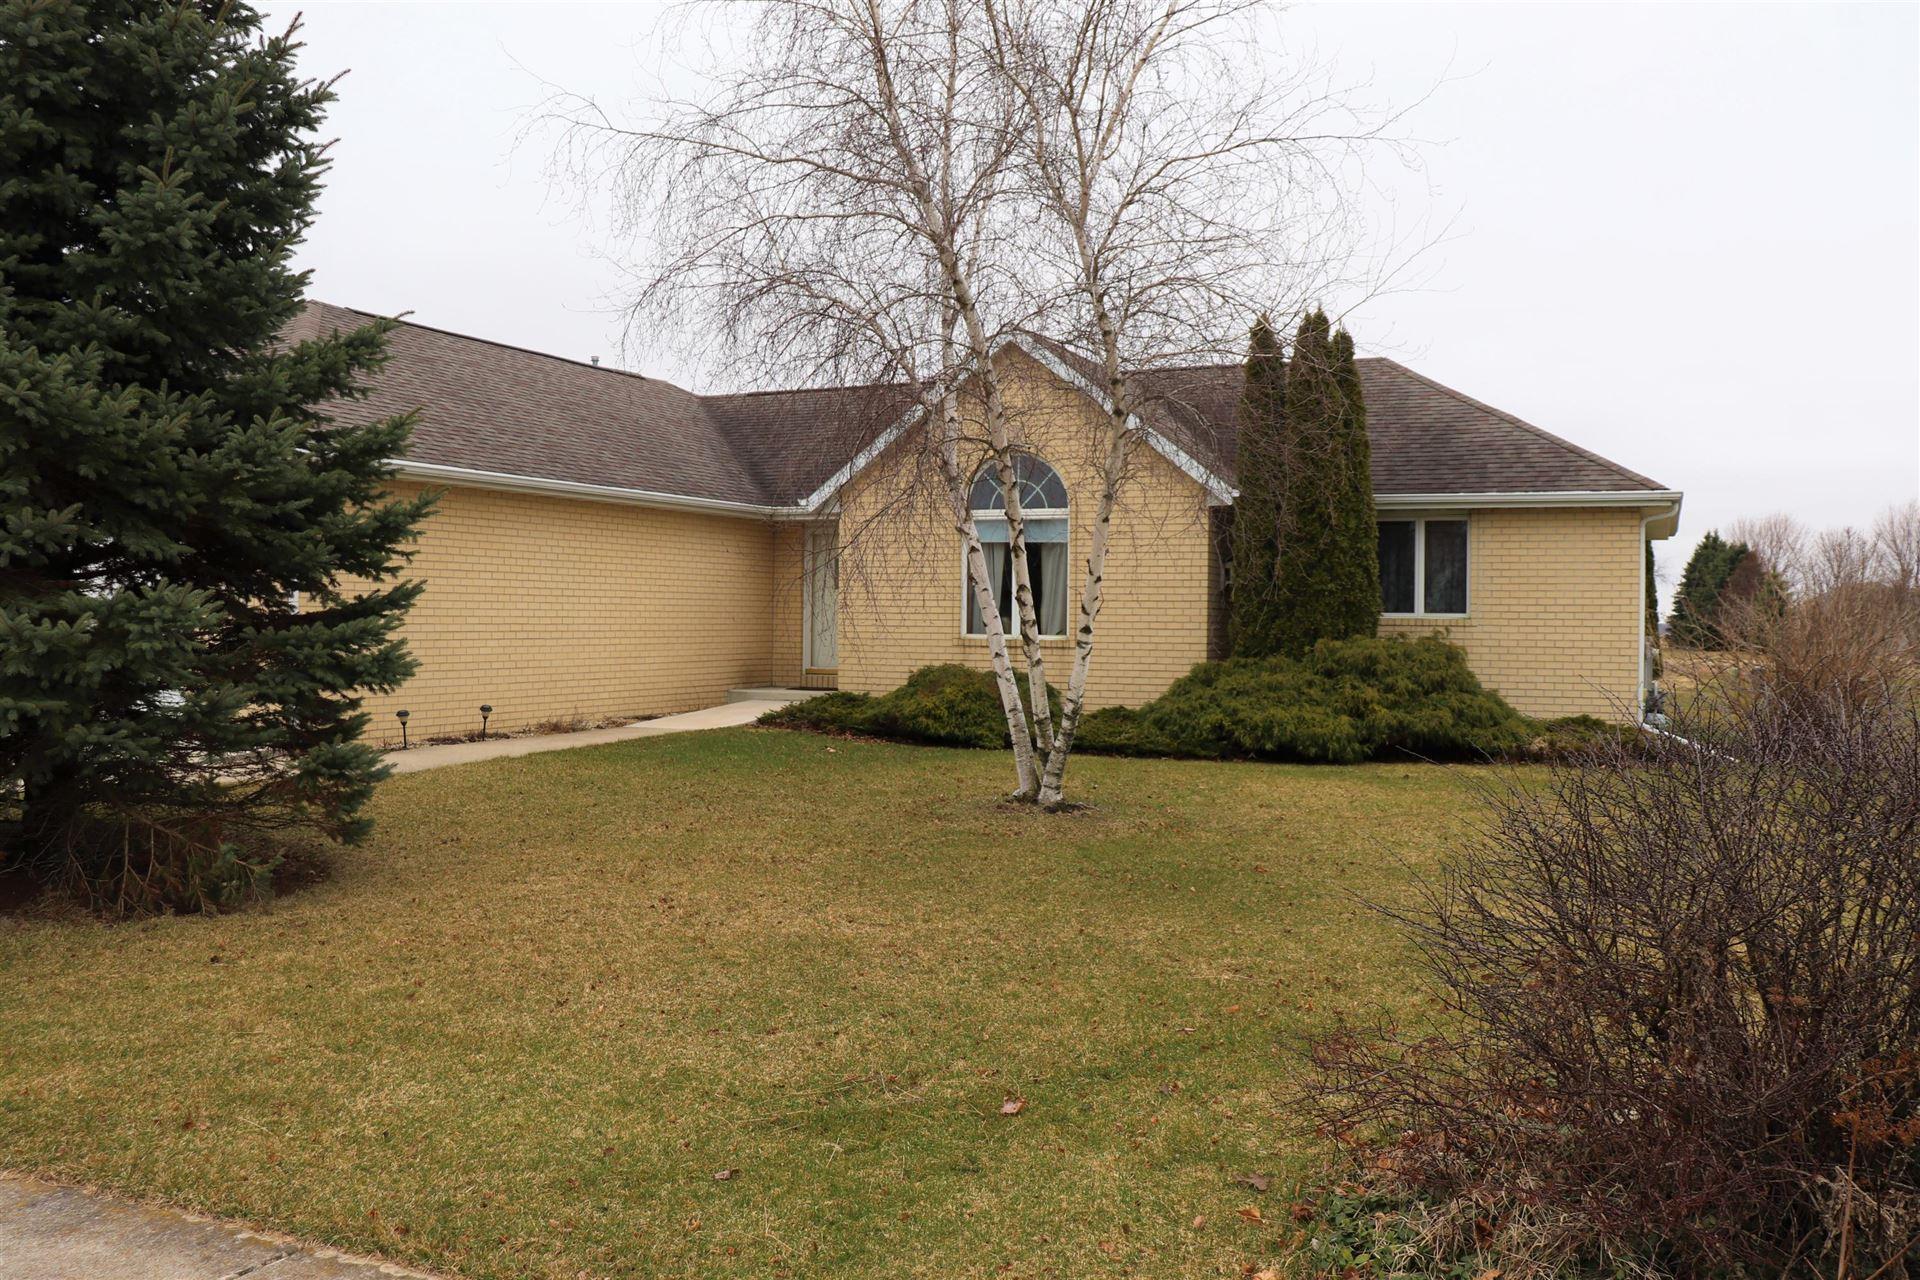 551 Winter Dr, Walworth, WI 53184 - #: 1684052